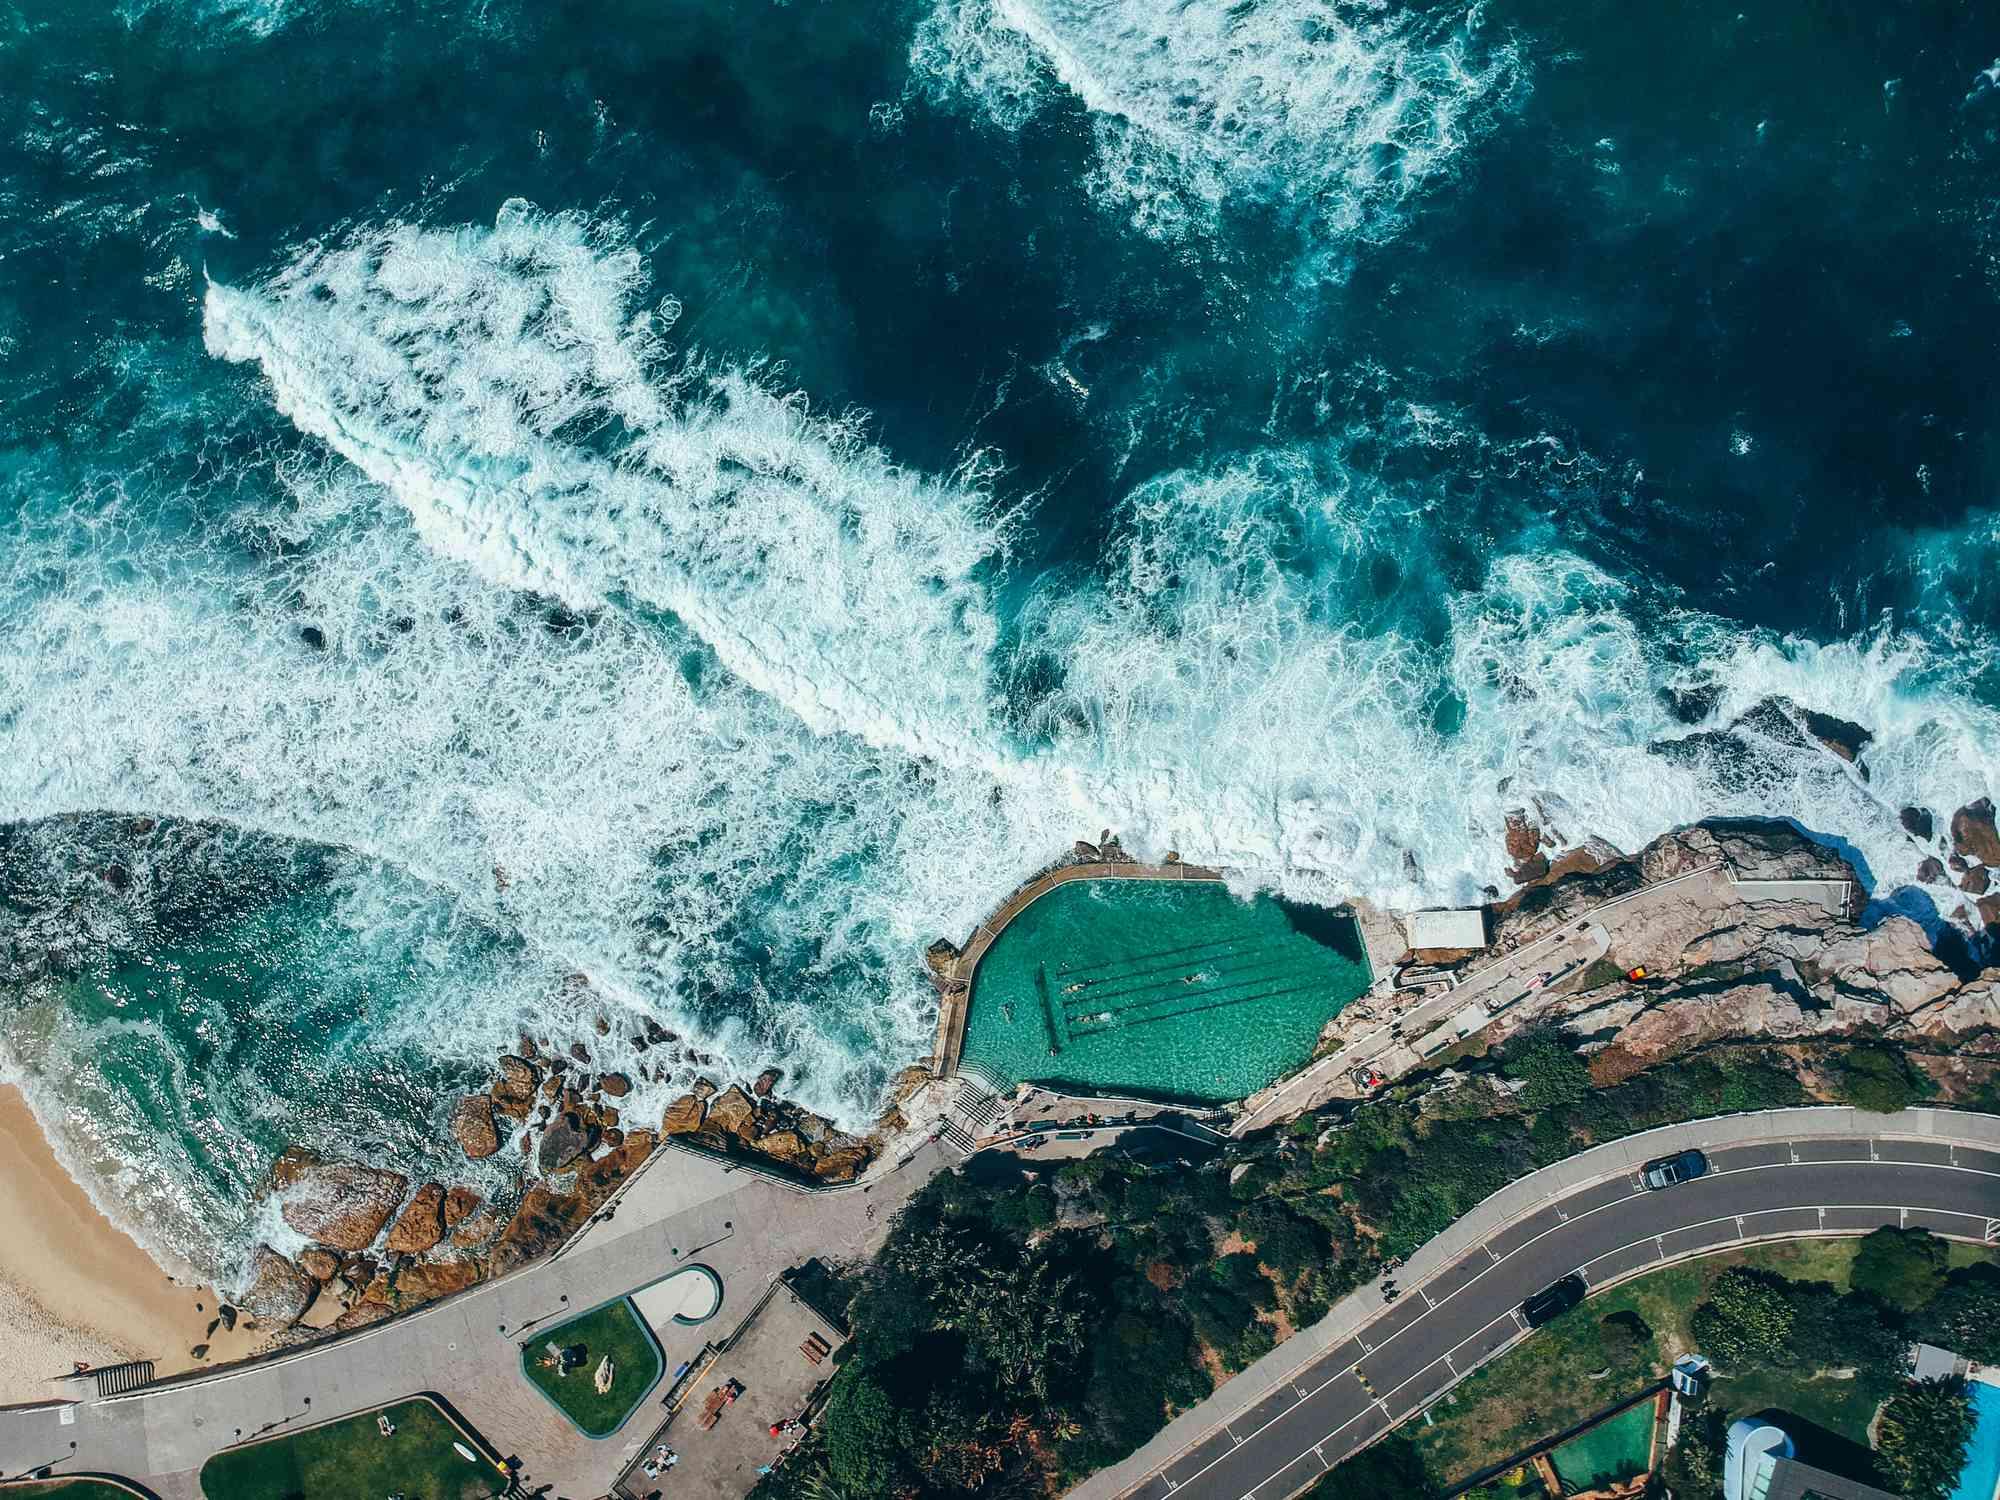 Aerial view of Bronte ocean pool